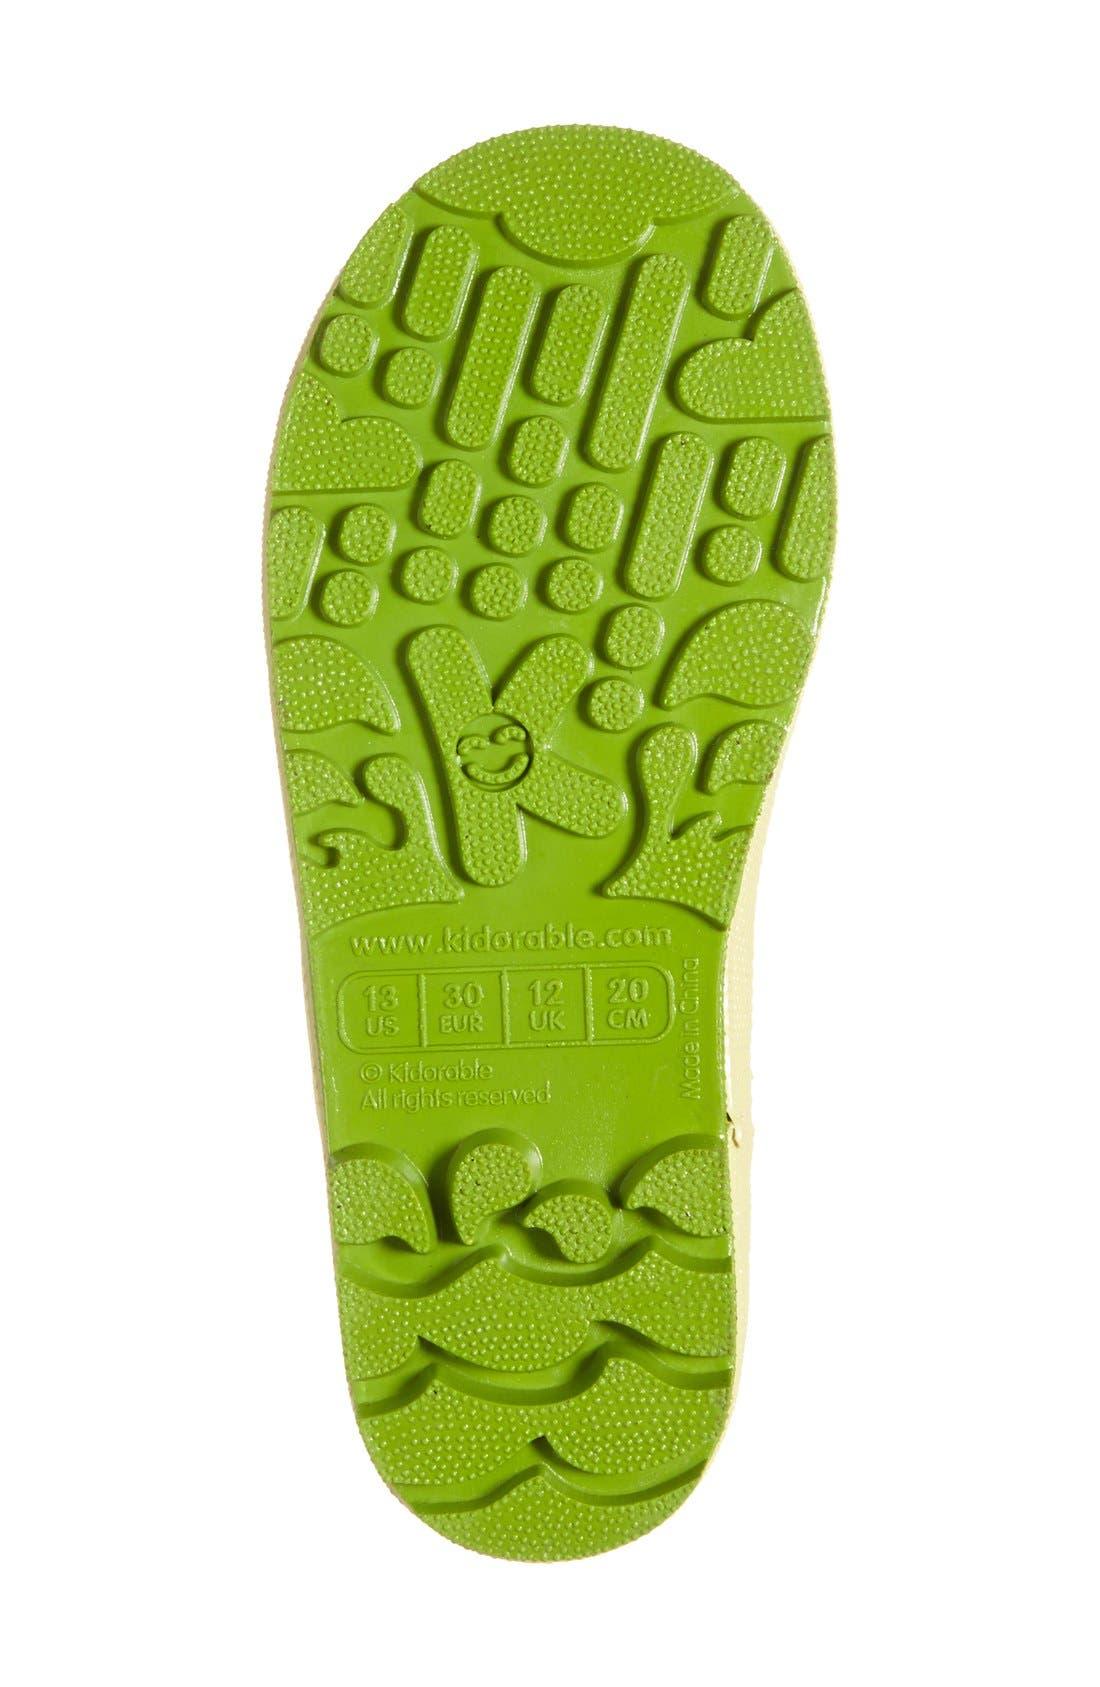 Alternate Image 4  - Kidorable 'Lotus' Waterproof Rain Boot (Walker, Toddler & Little Kid)